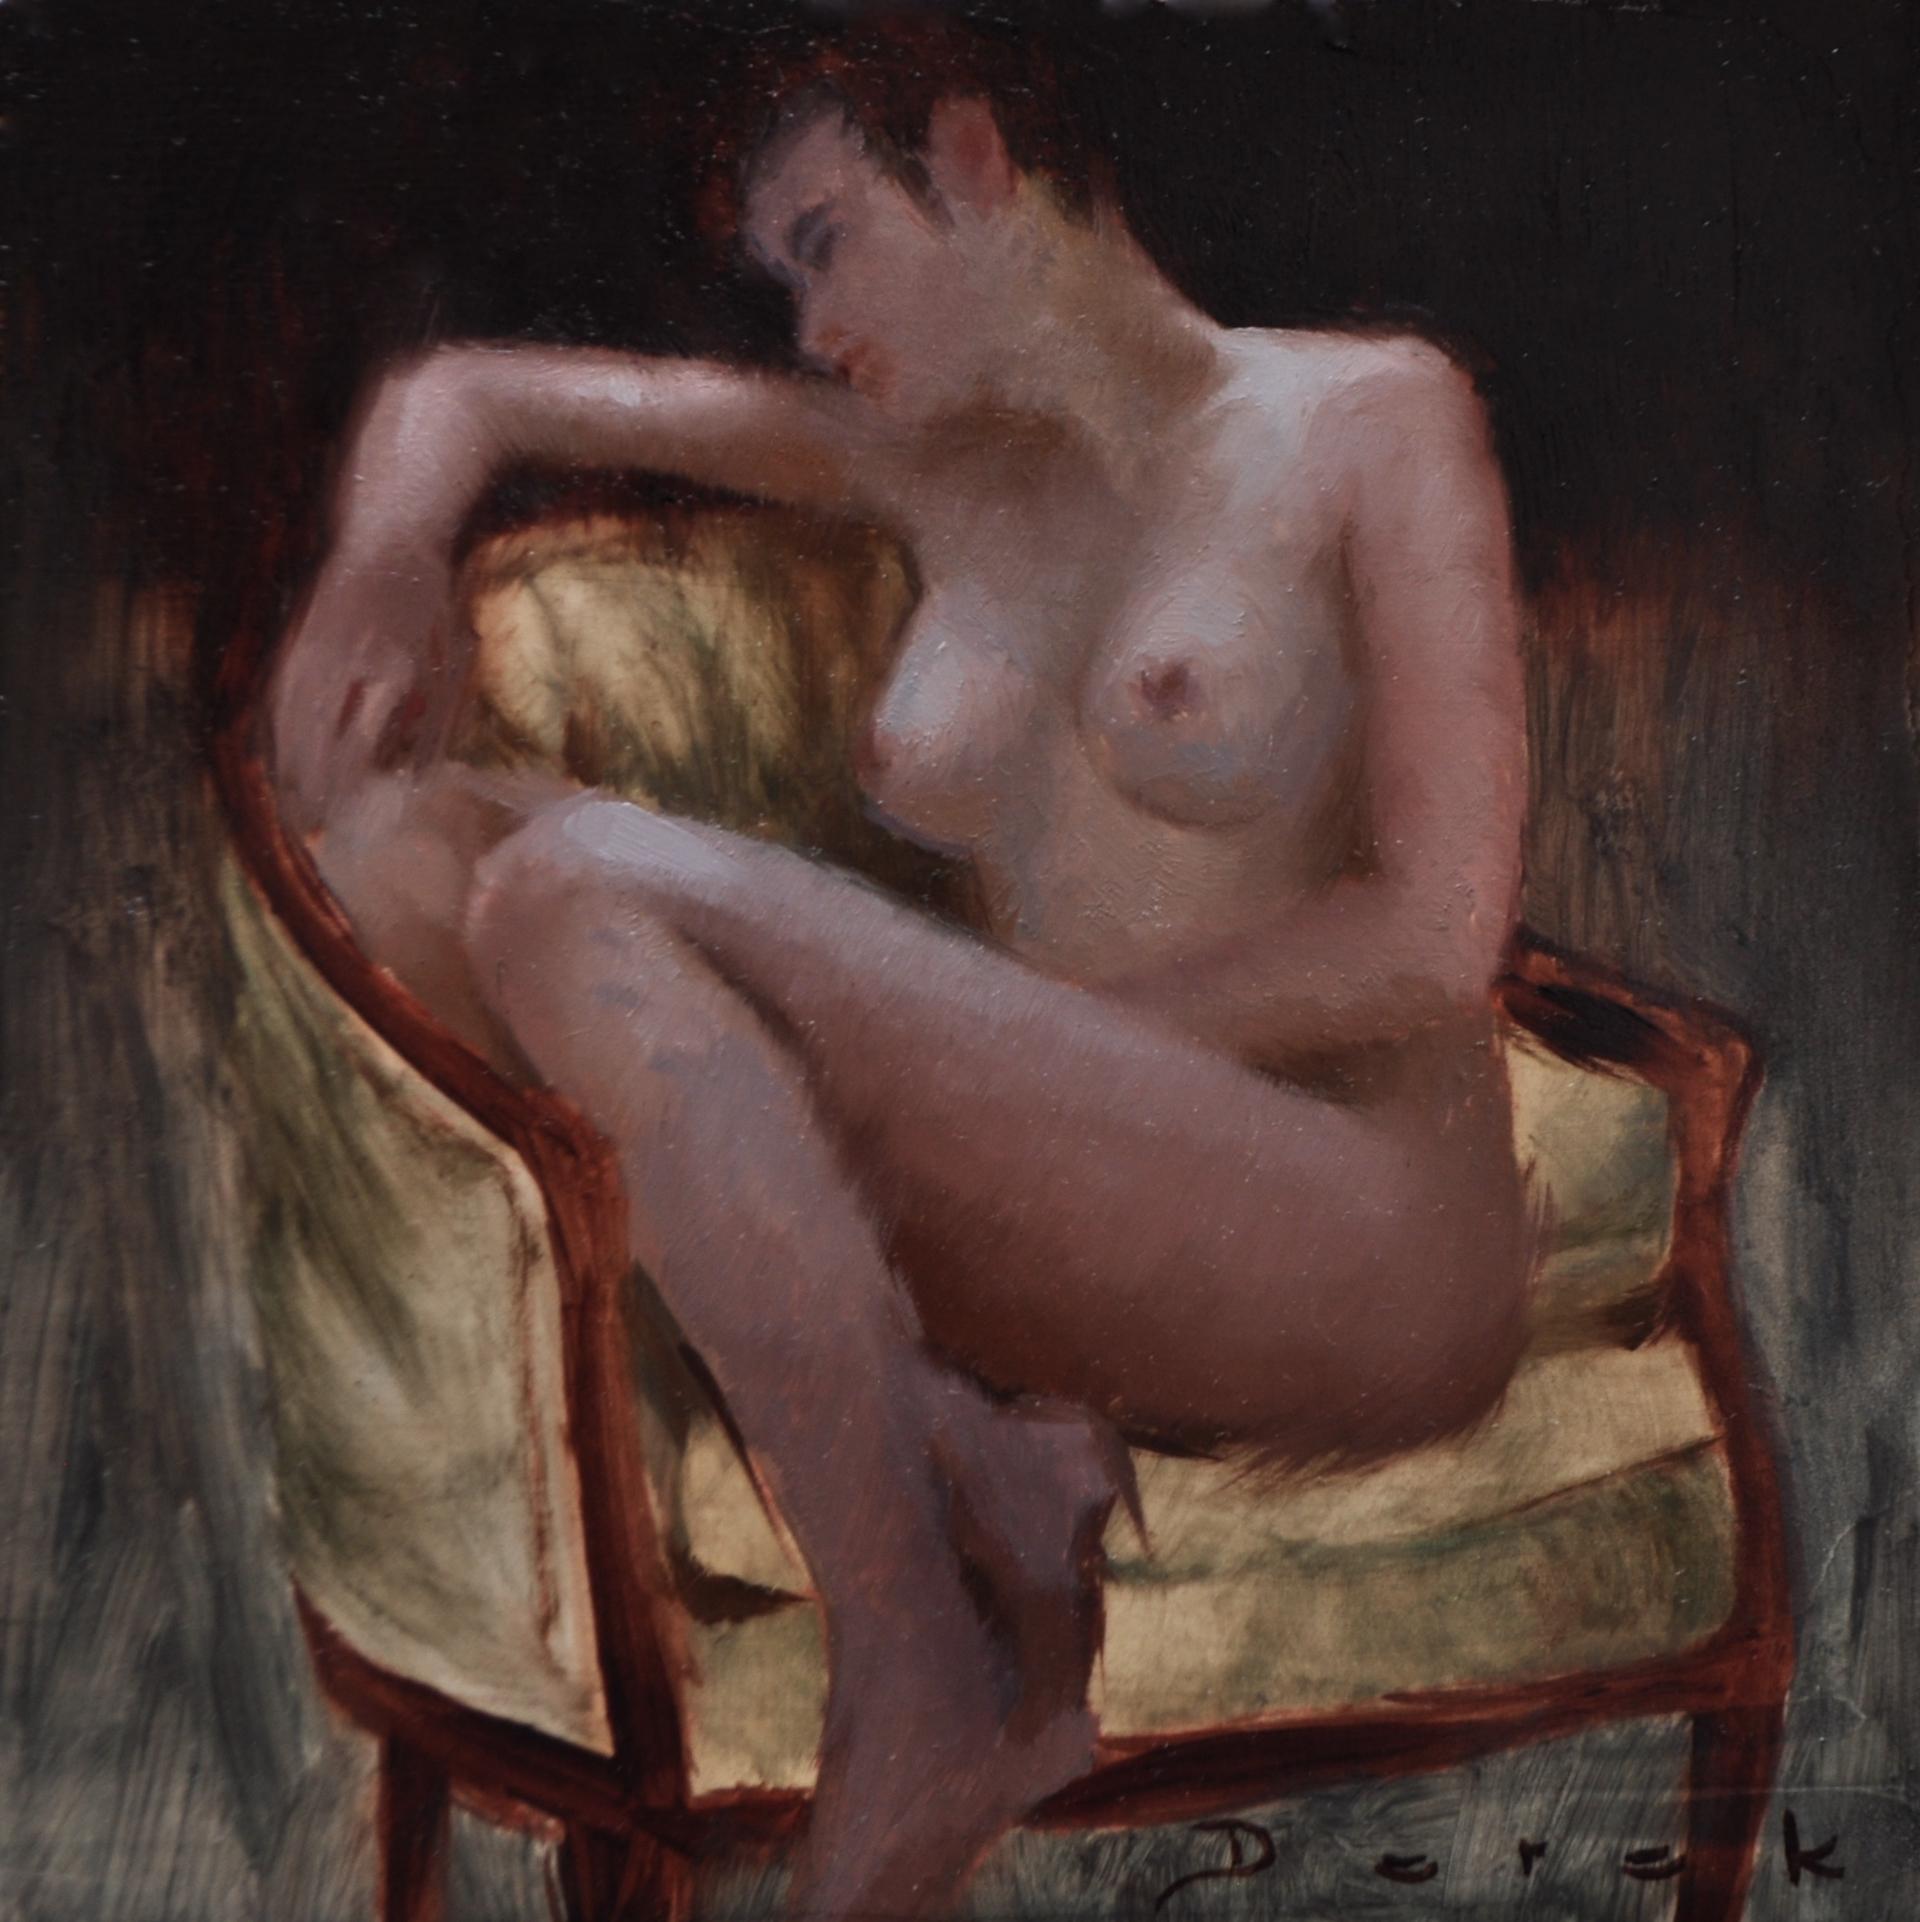 Seated Figure 1 by Derek Harrison